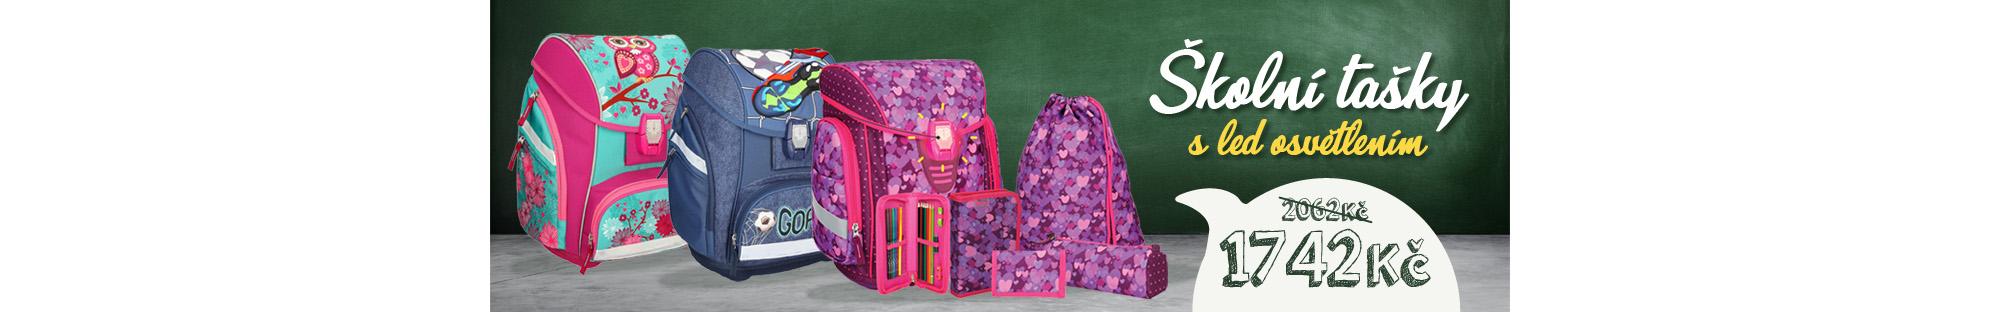 AKCE! Školní tašky s LED osvětlením